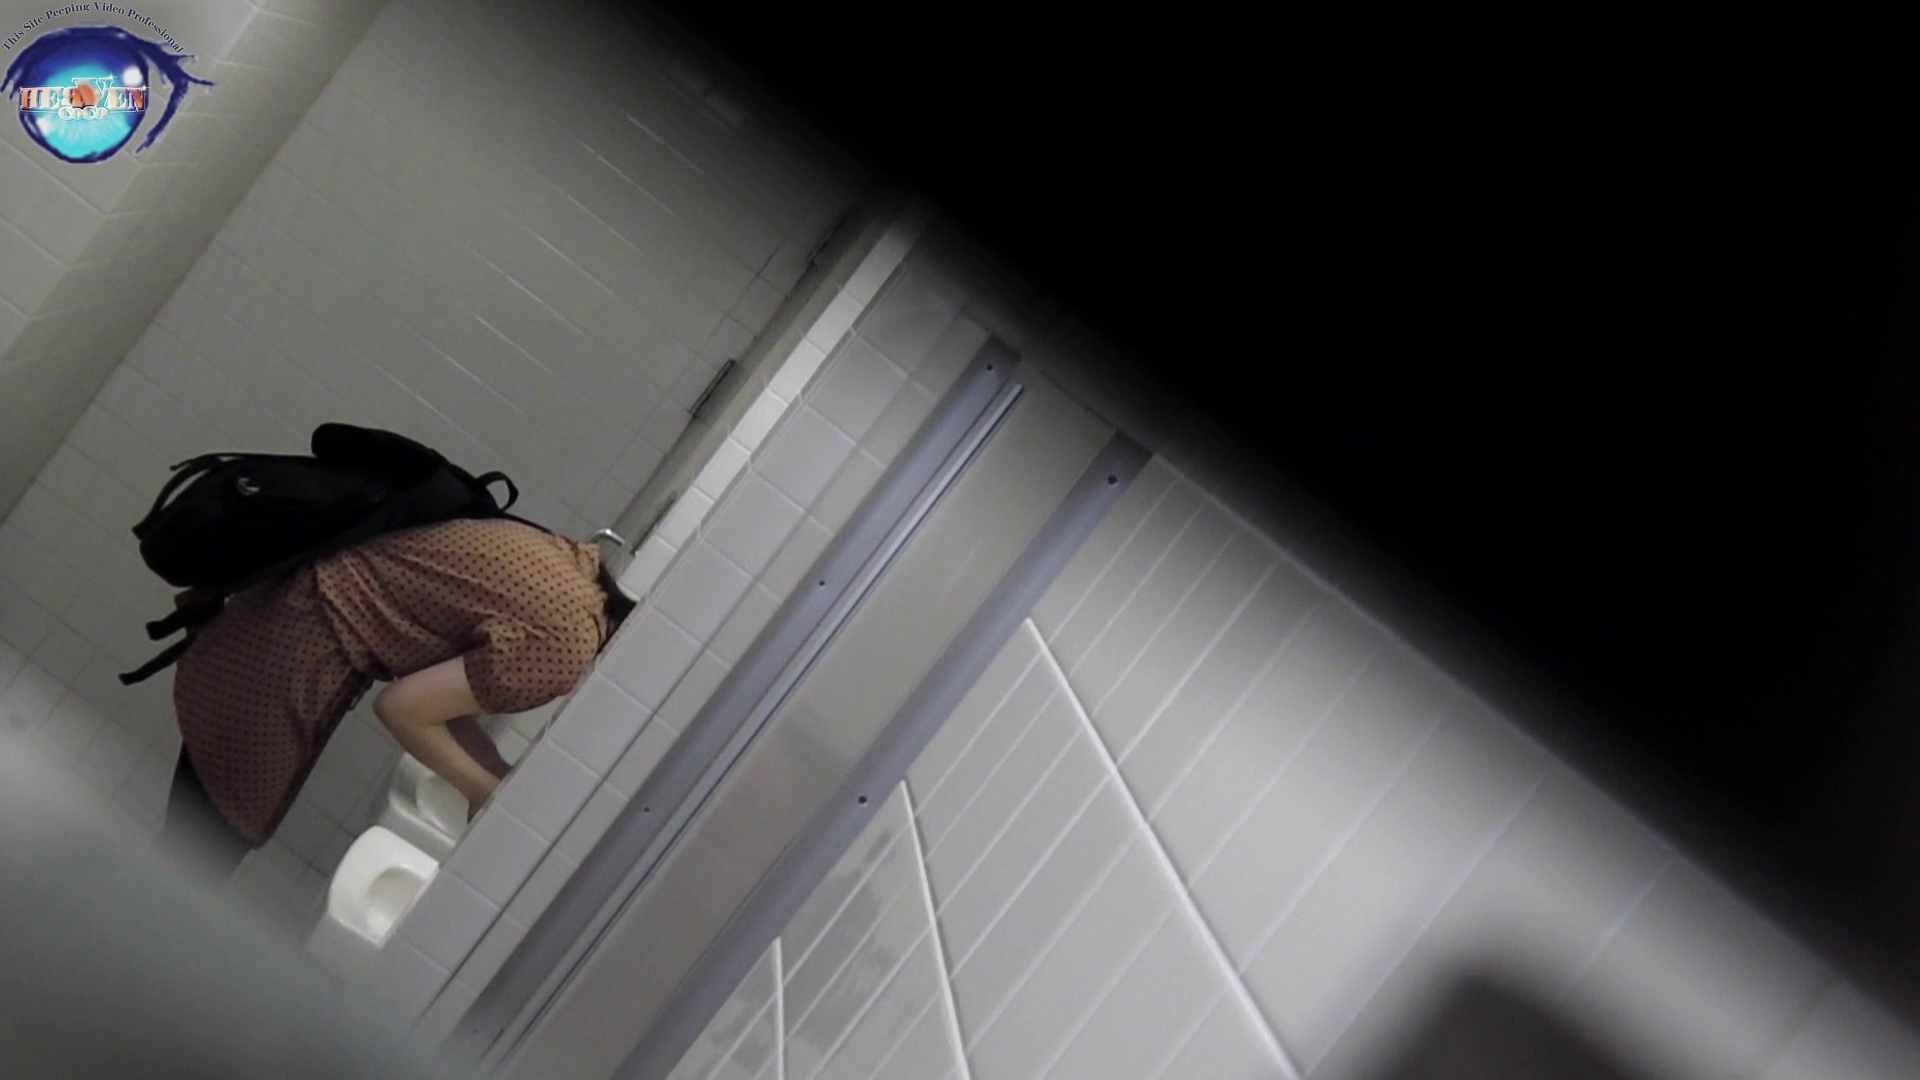 洗面所突入レポート!!お銀 vol.68 無謀に通路に飛び出て一番明るいフロント撮り実現 前編 洗面所編  86PIX 64